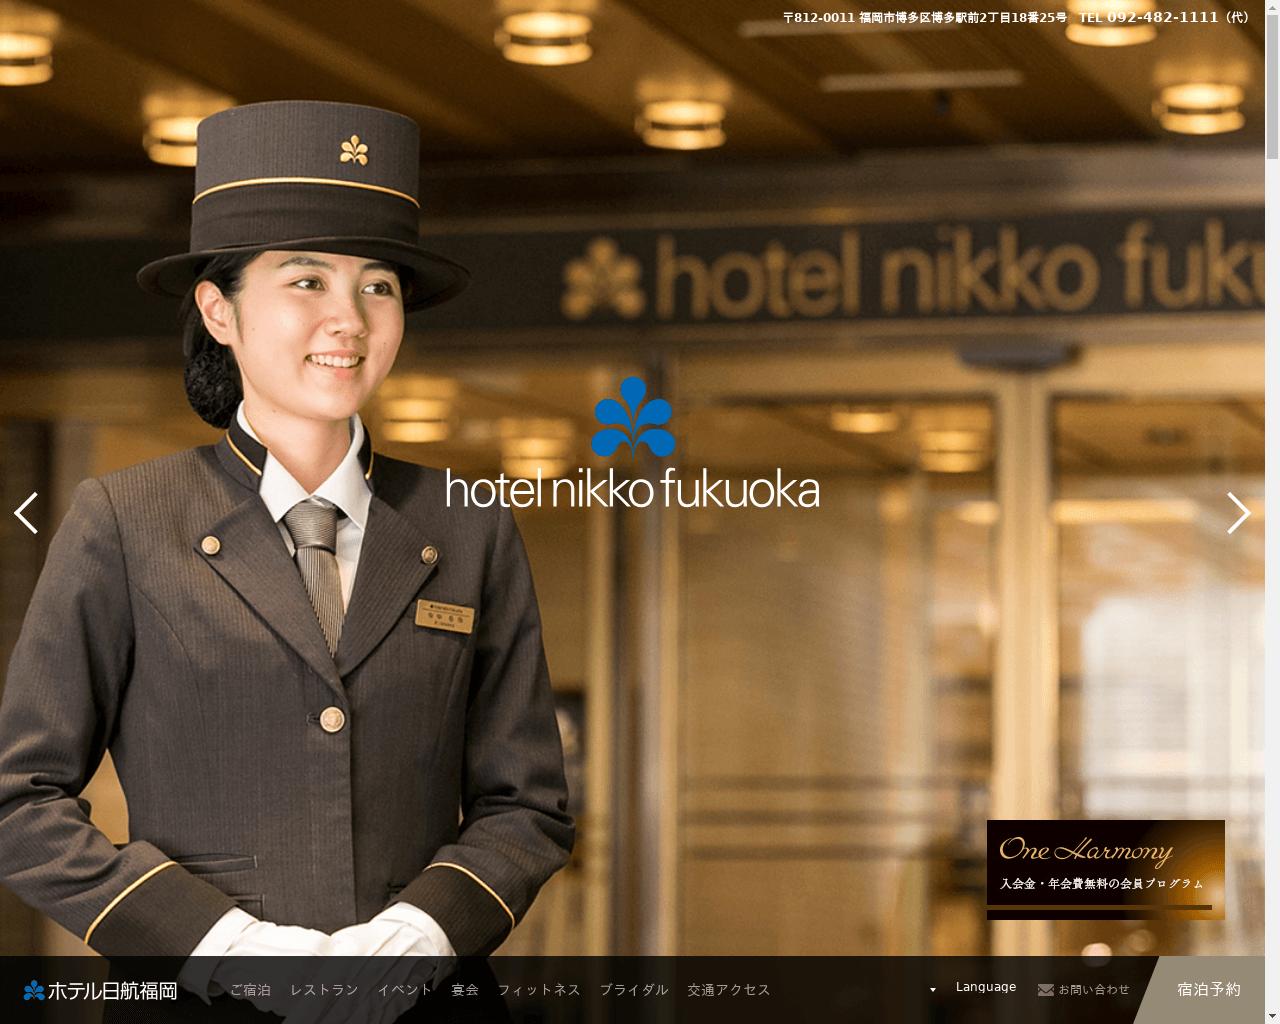 高級ホテル特集 ホテル日航福岡